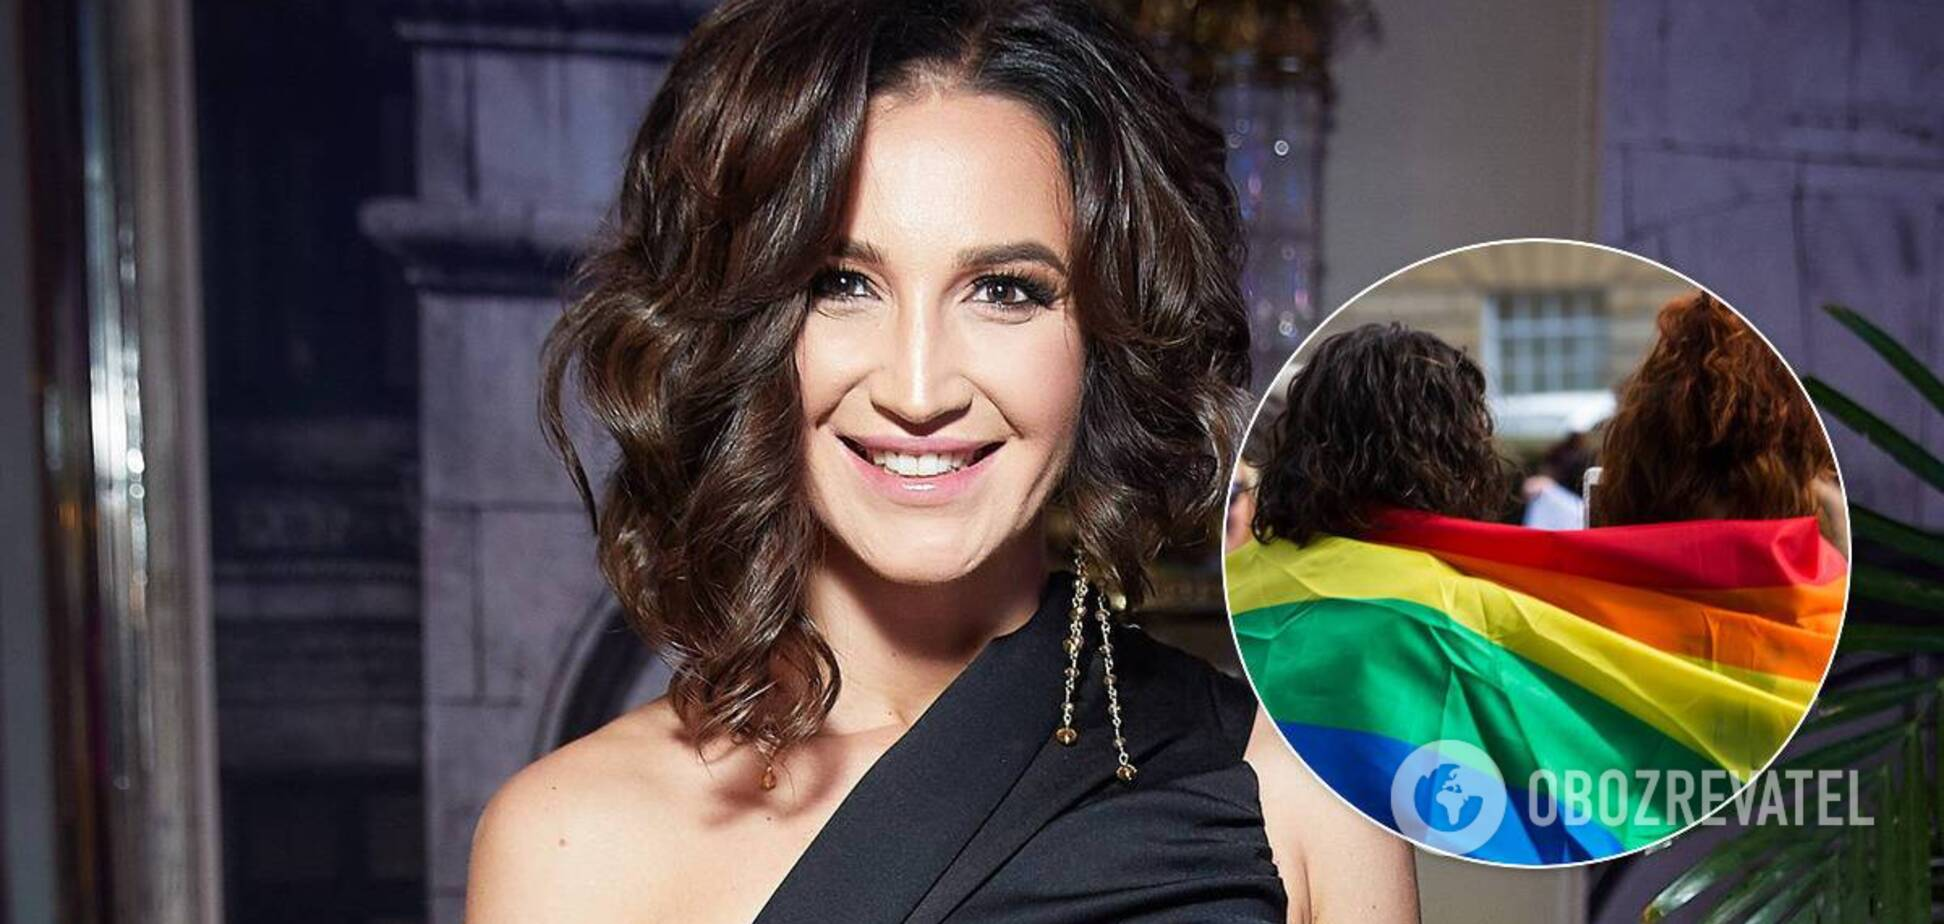 Бузову назвали 'позором России' через поддержку ЛГБТ